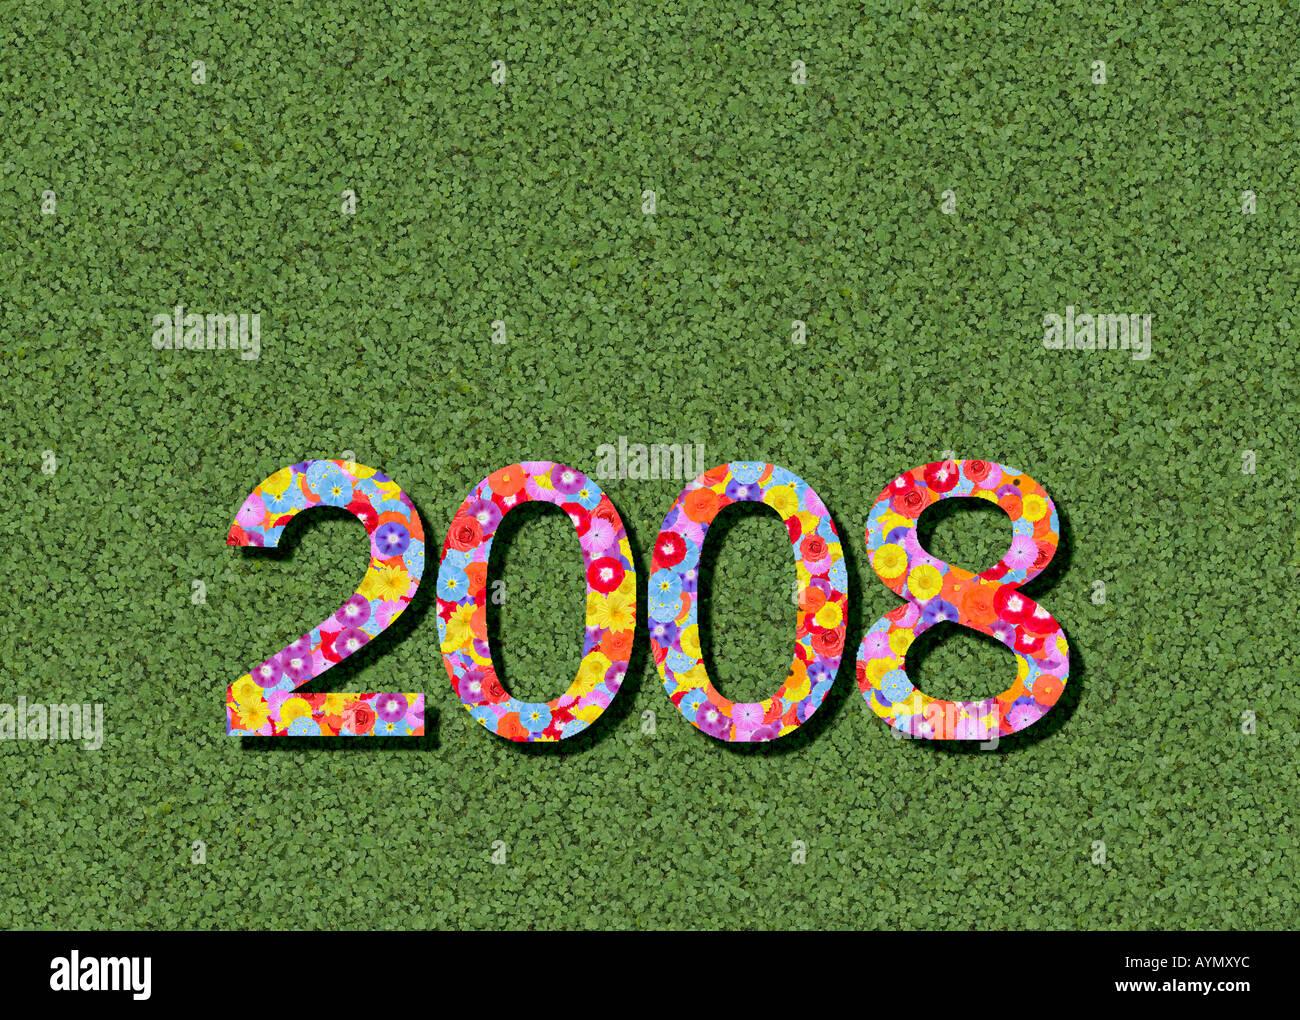 Jahr Zeitsteuerung 2008 ausgeschrieben bearbeitete Stockbild